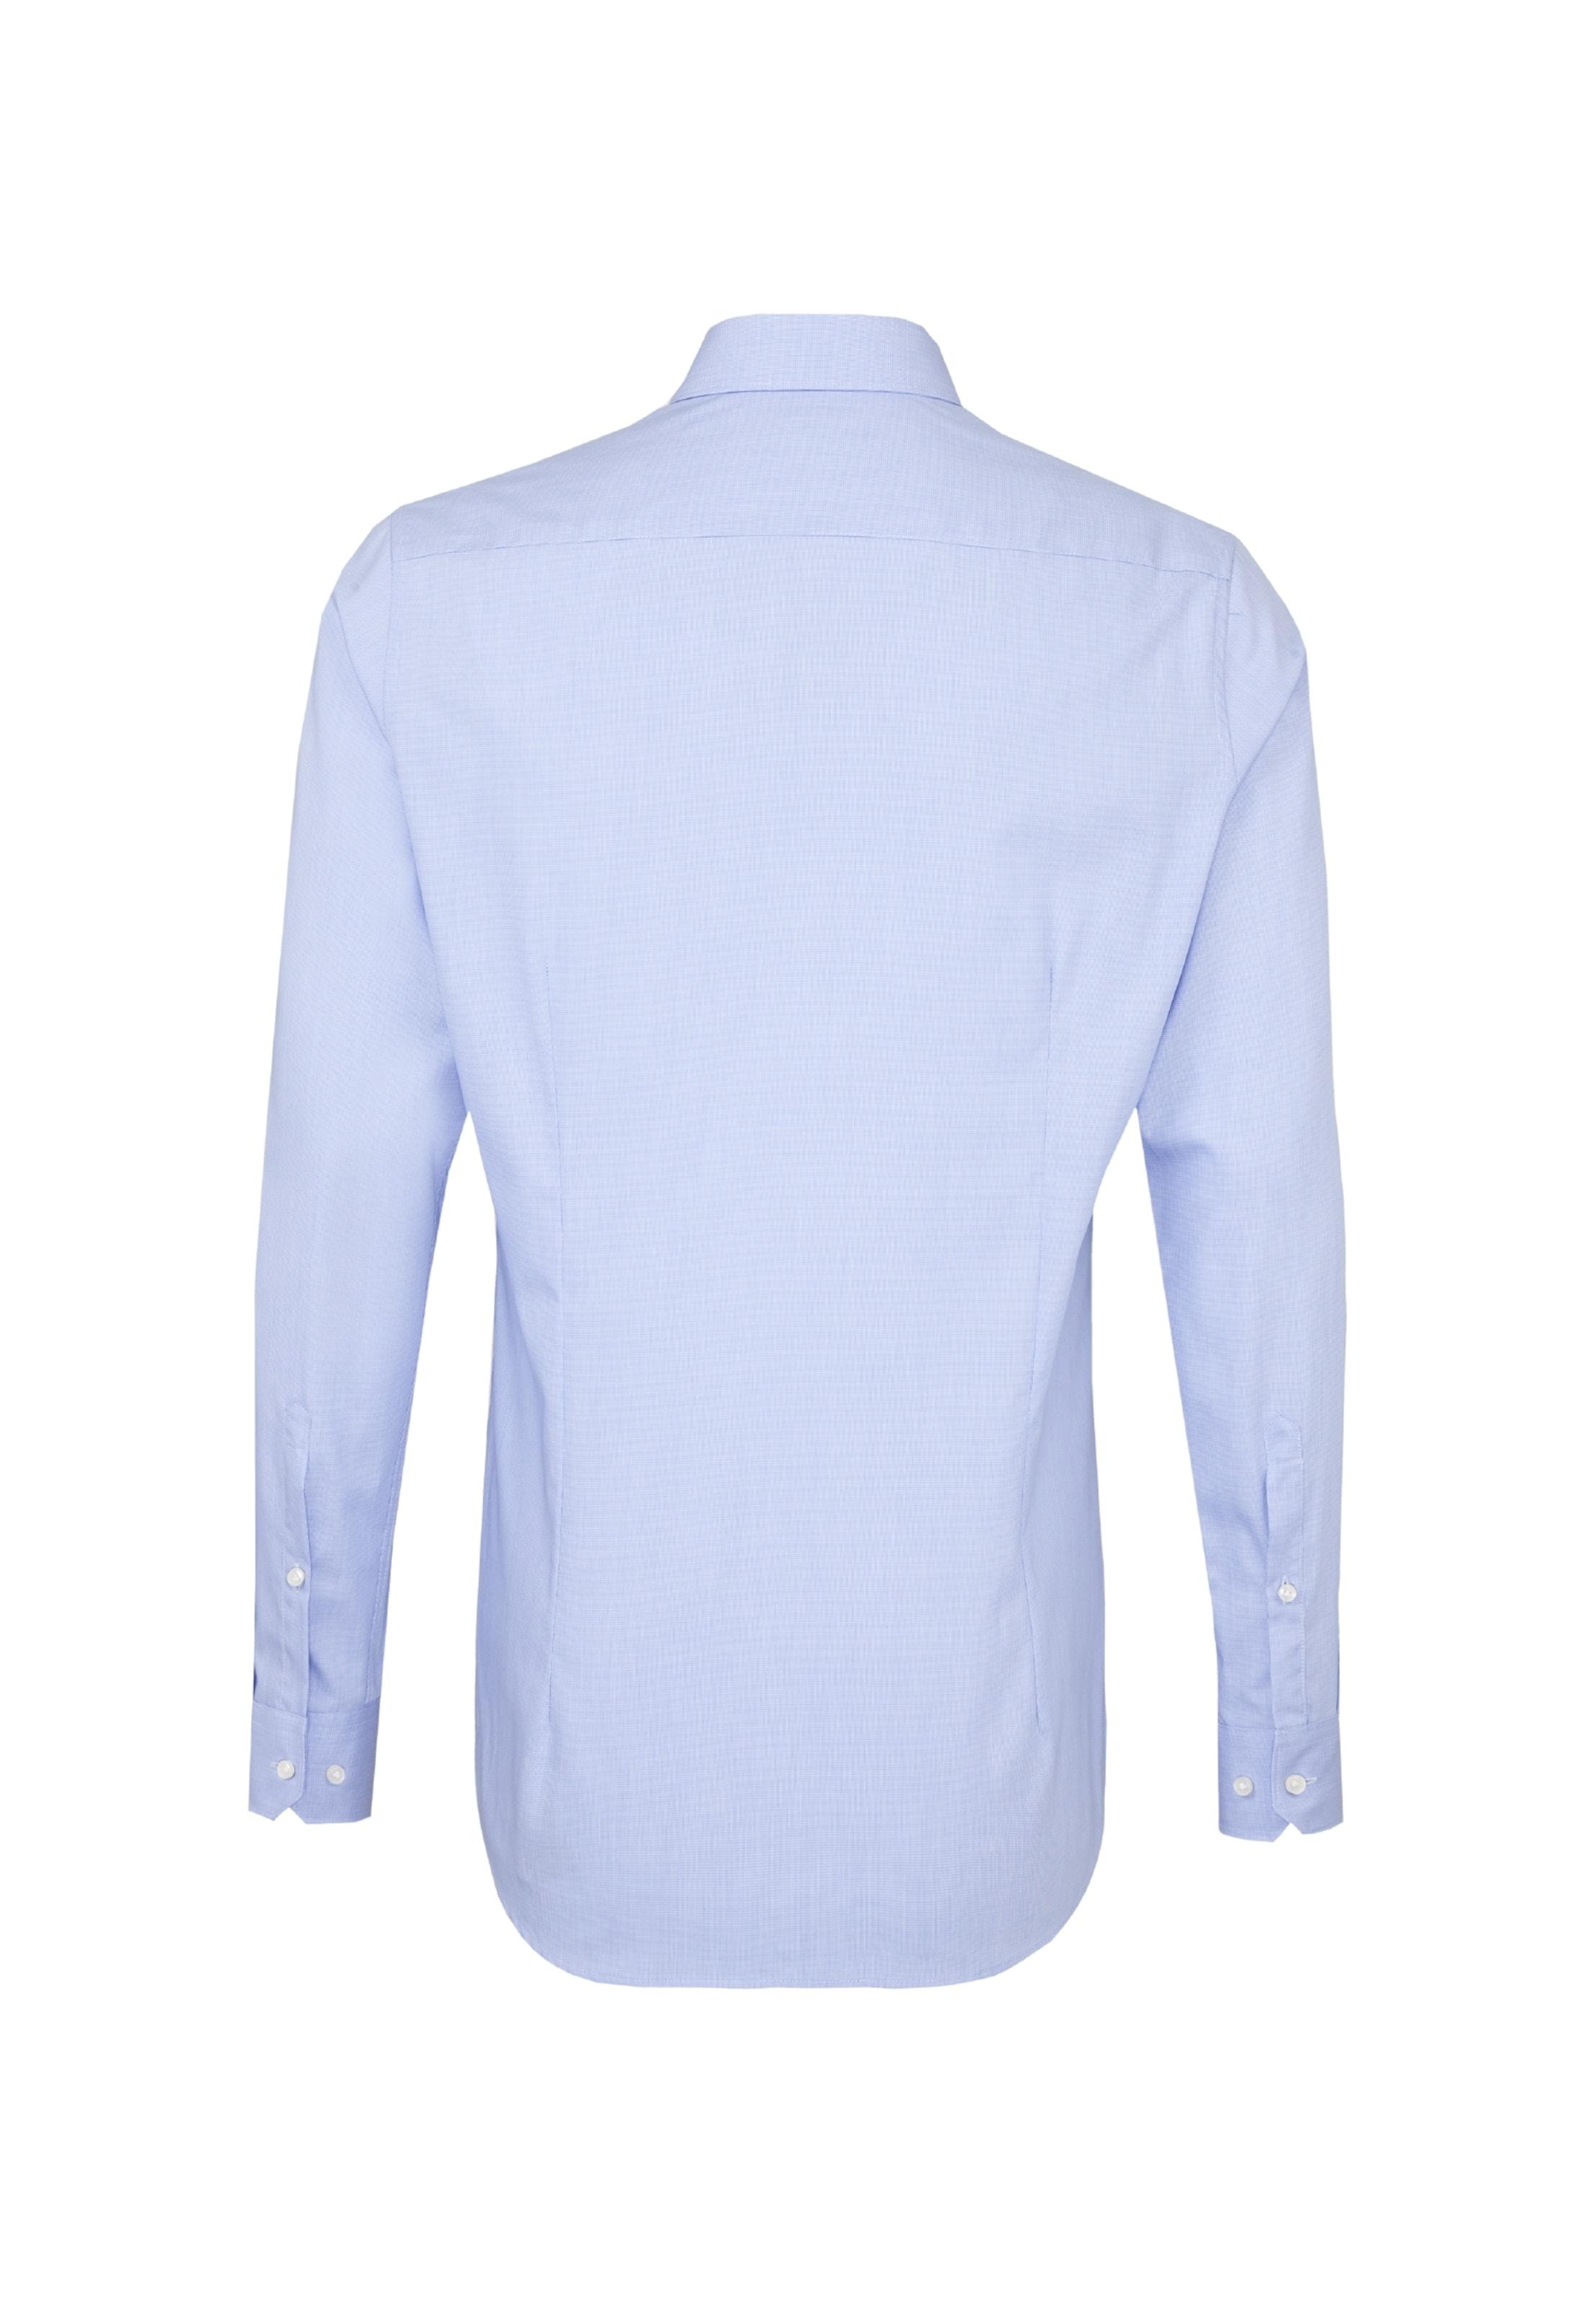 ' Fit Jacques In Britt Blau Hemd Slim N08yvnPmwO